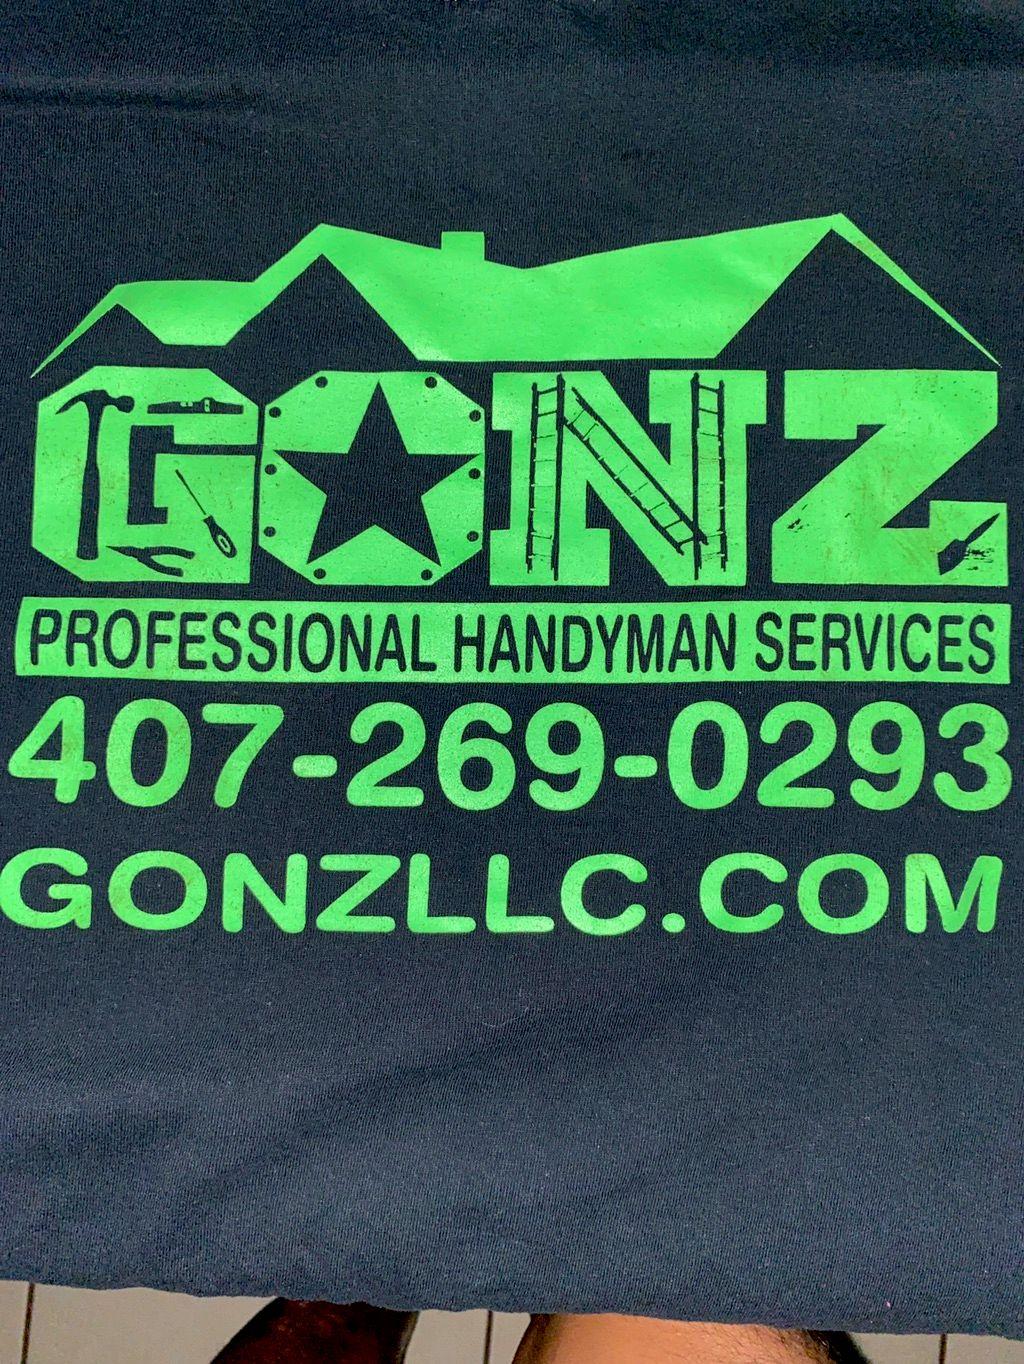 GONZ LLC